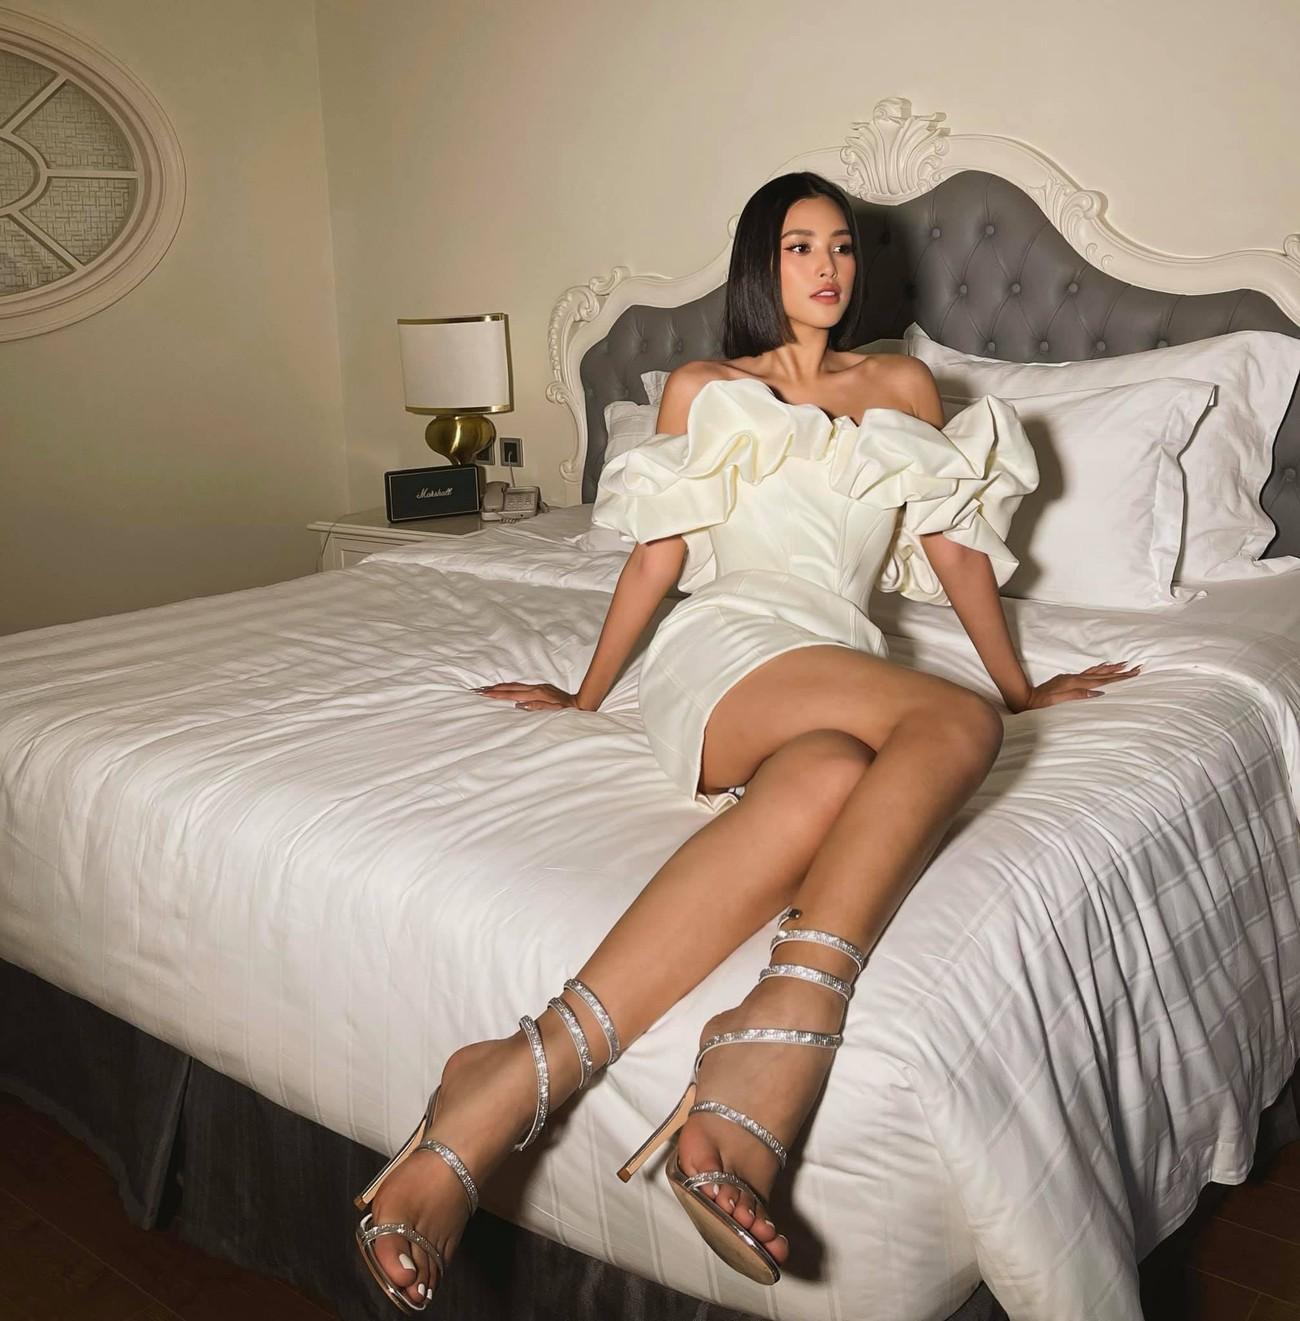 Nhan sắc 'thăng hạng' đầy nóng bỏng của Hoa hậu Tiểu Vy sau khi hết nhiệm kỳ ảnh 7